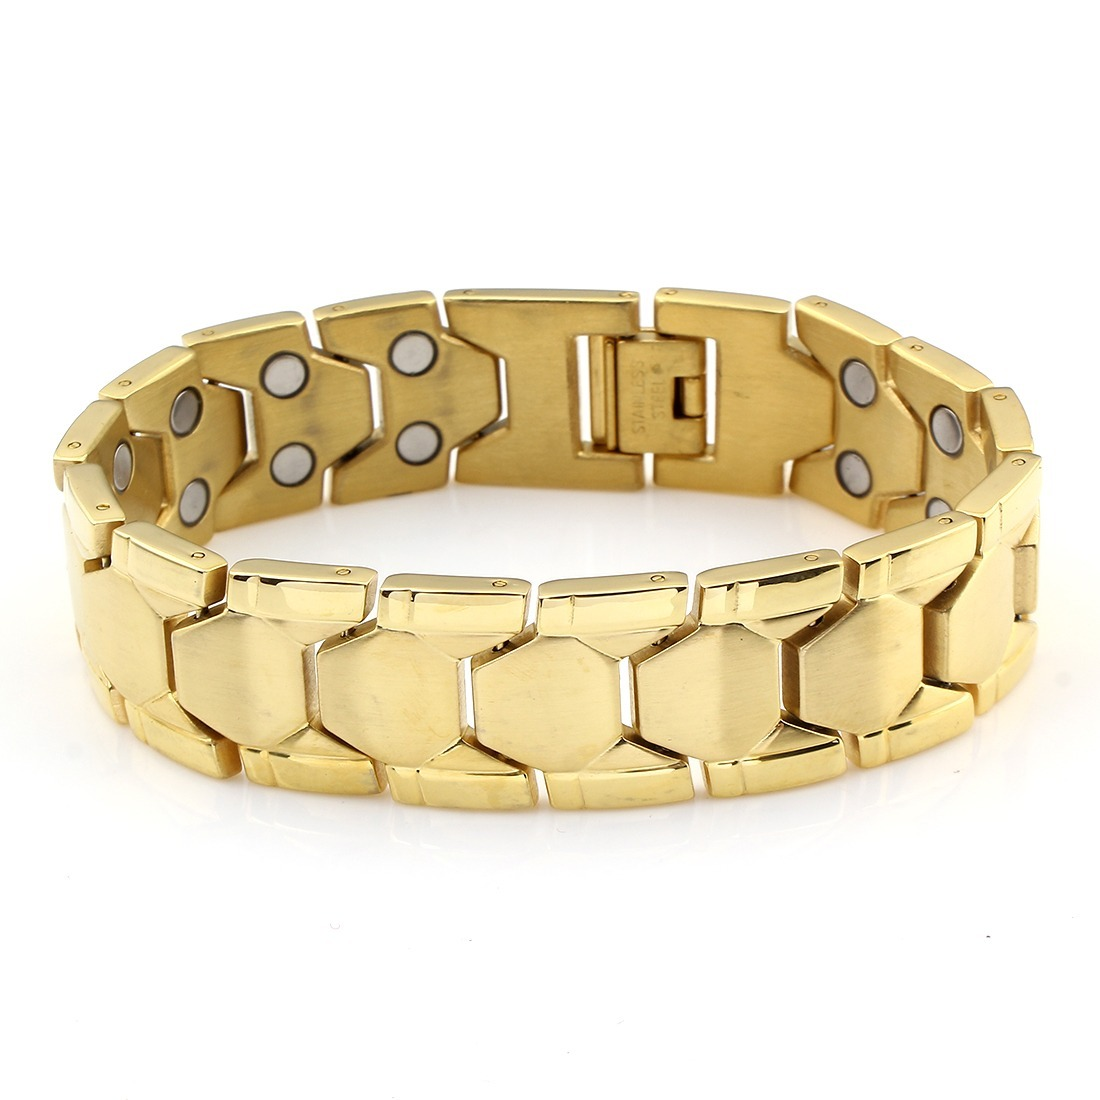 1926f51871c2 pulsera caballero 45 enchapado en oro 18k + envío gratis. Cargando zoom.